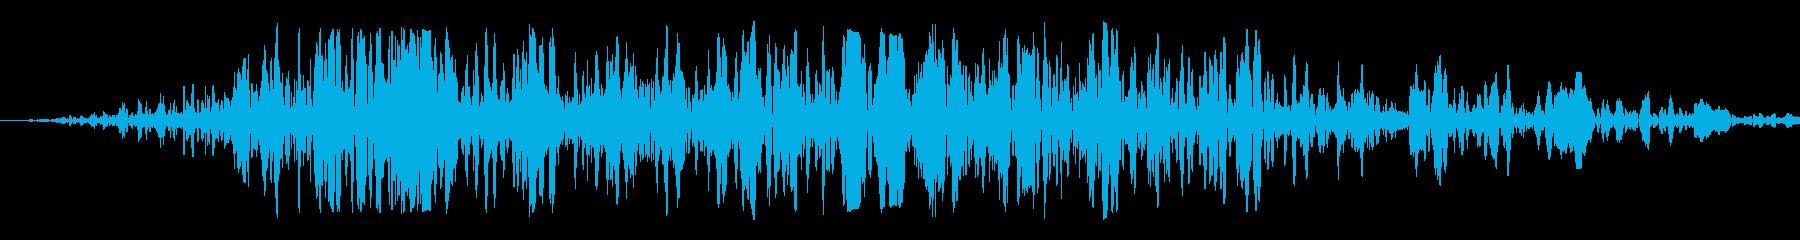 激しい炎(短め)の再生済みの波形